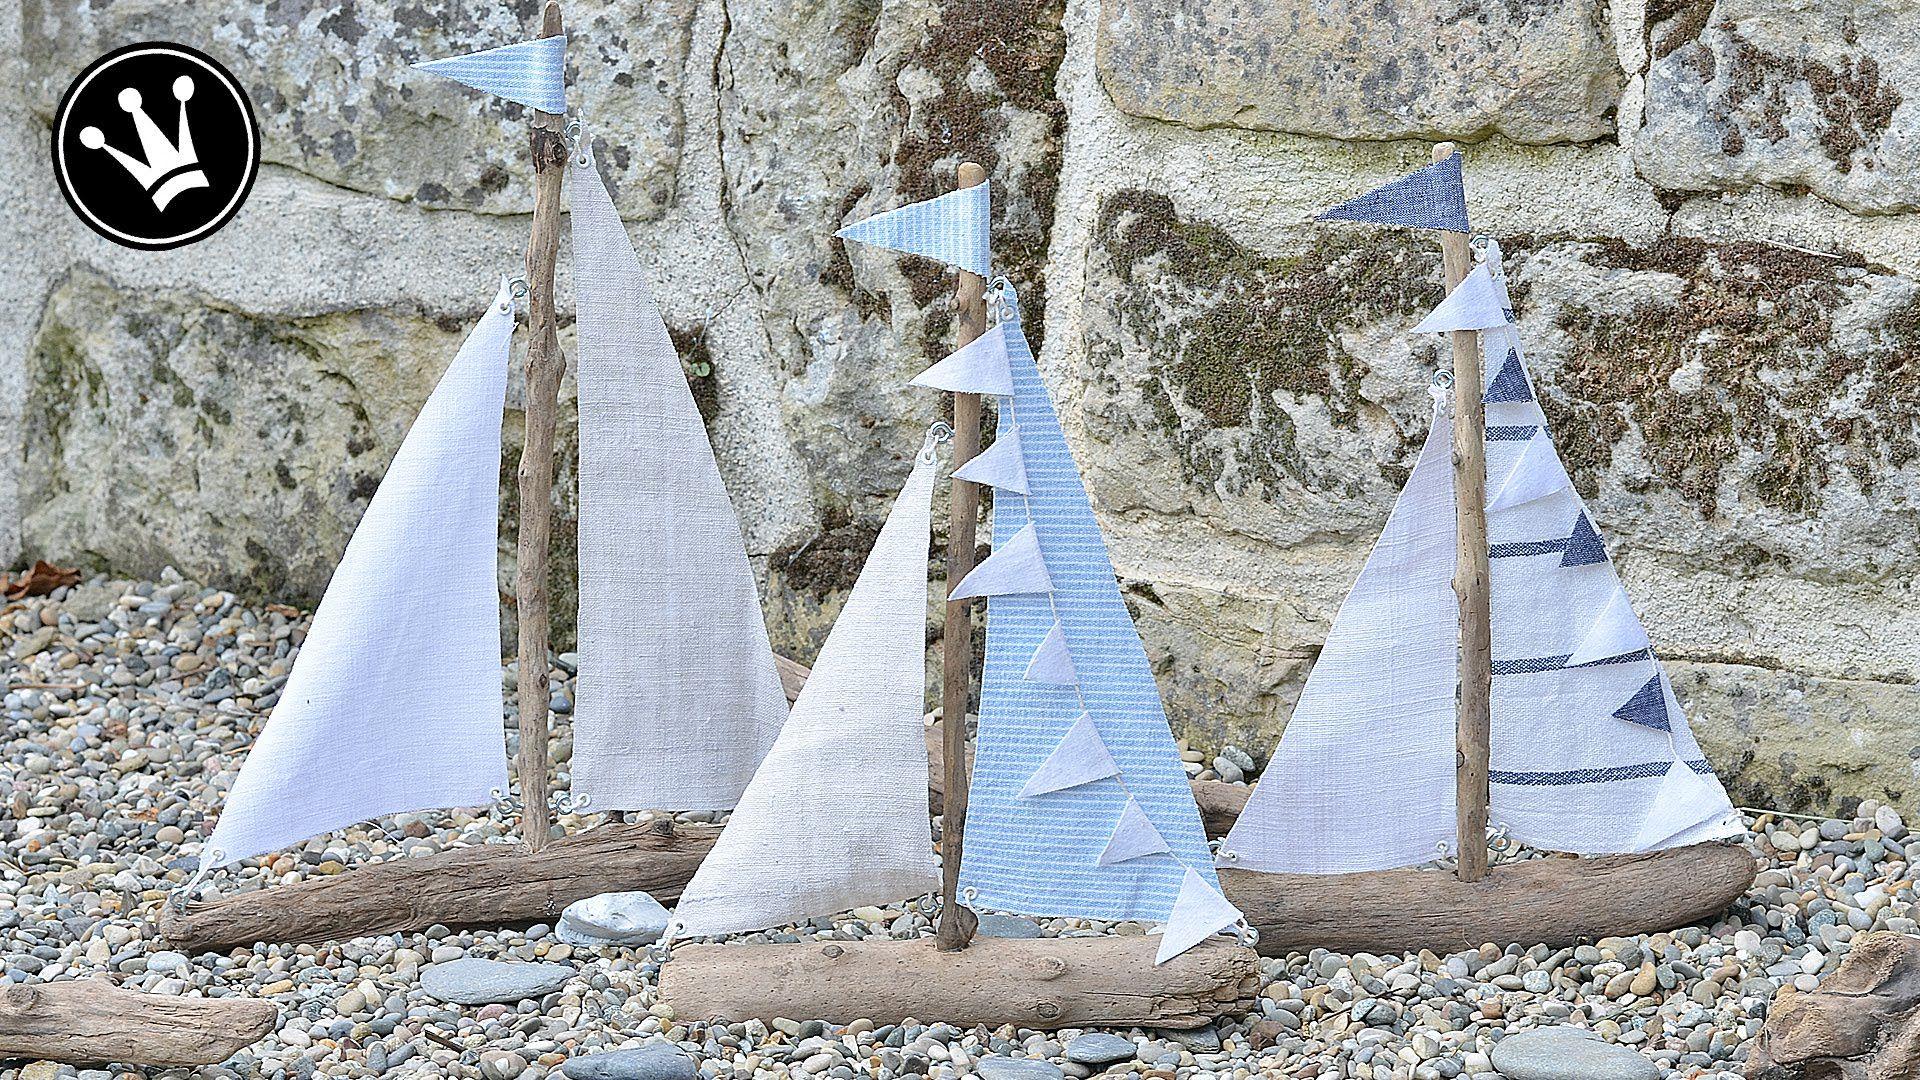 diy seegelboote aus treibholz mit liebevollen details maritime deko. Black Bedroom Furniture Sets. Home Design Ideas